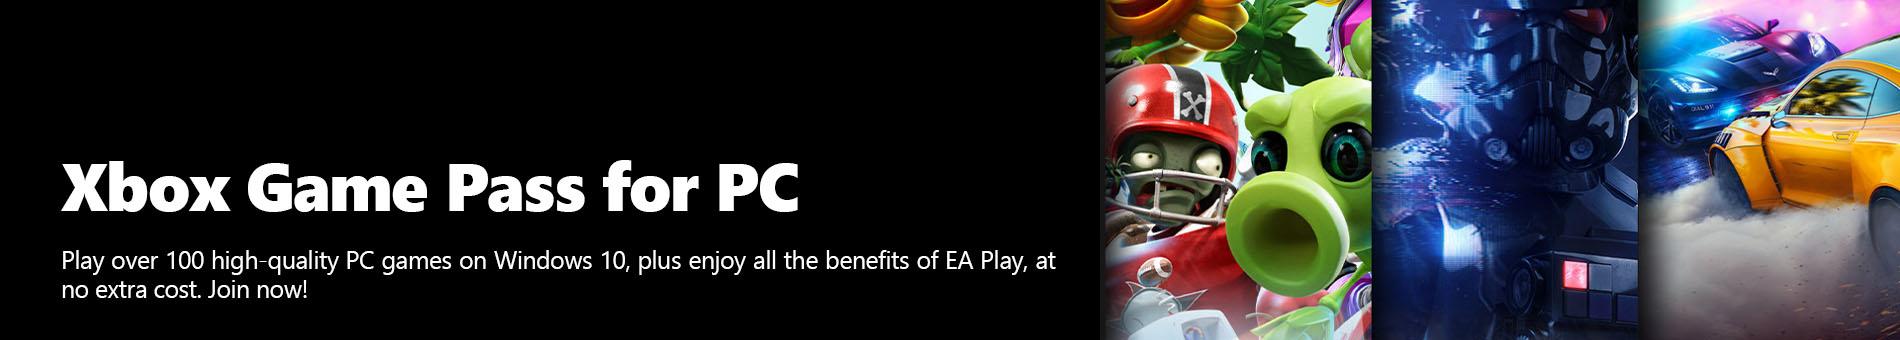 Xboxdigital Pcbanner